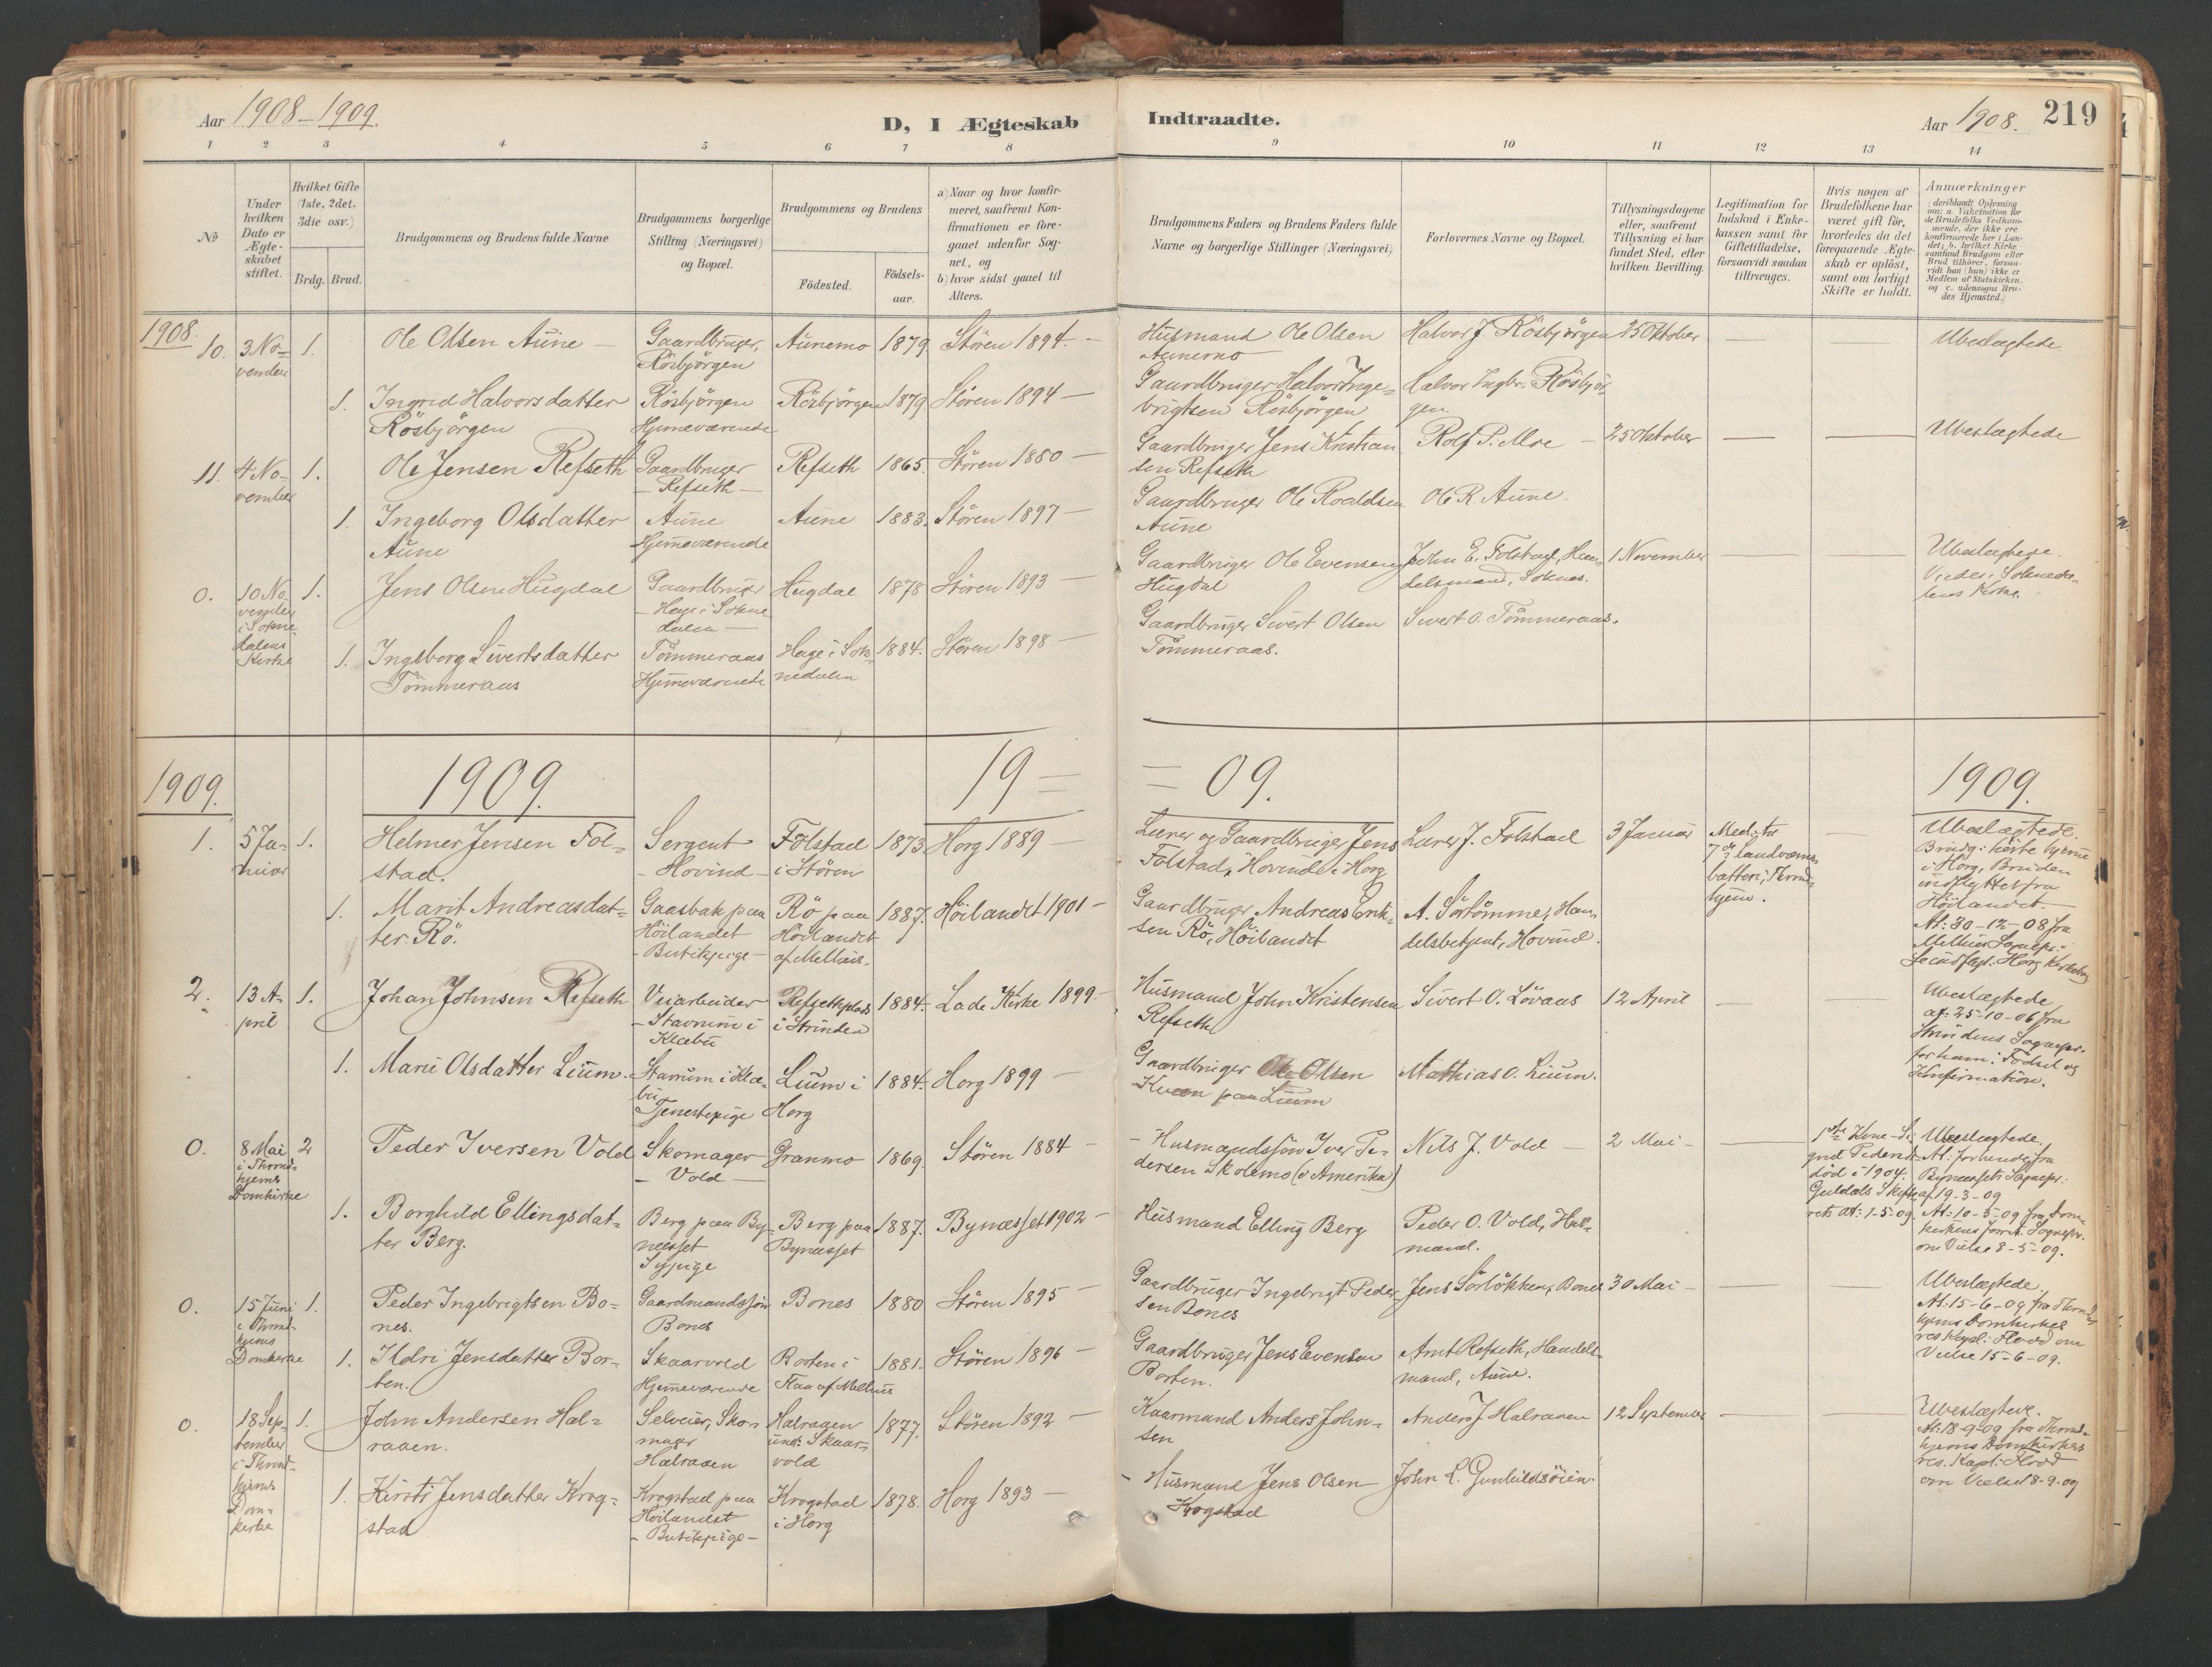 SAT, Ministerialprotokoller, klokkerbøker og fødselsregistre - Sør-Trøndelag, 687/L1004: Ministerialbok nr. 687A10, 1891-1923, s. 219